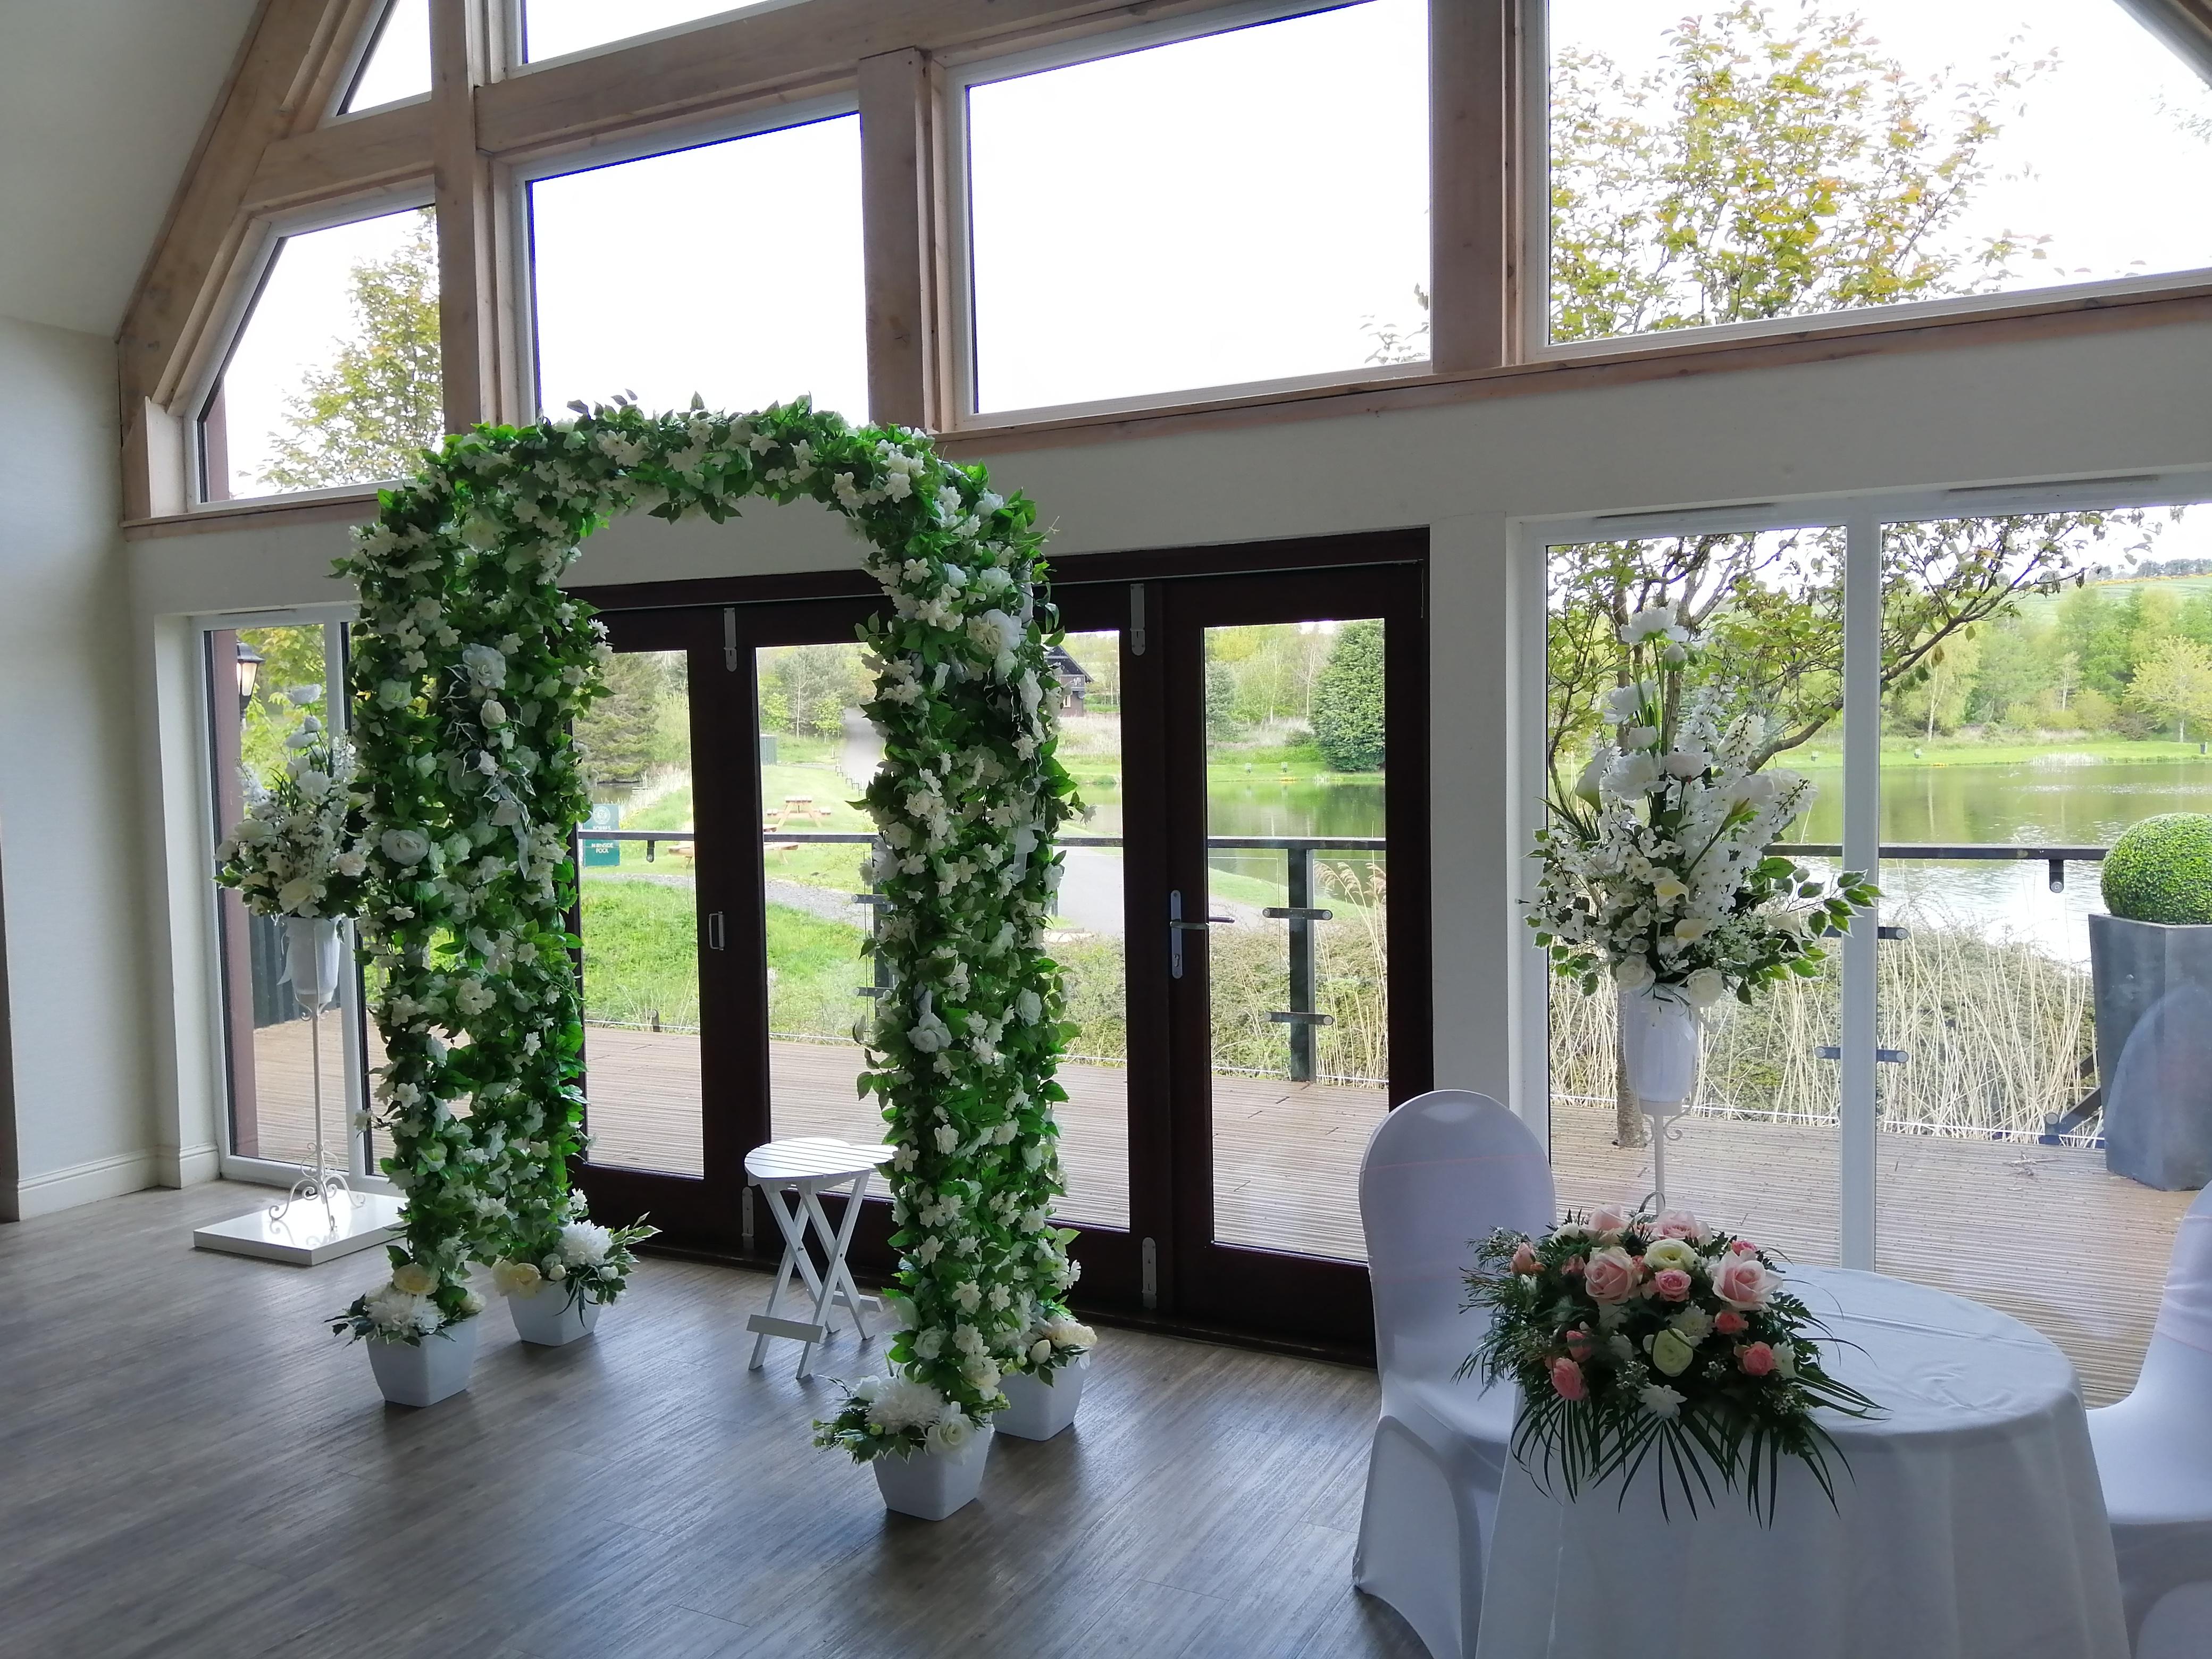 Archway and Pedestal Flower Arrangements